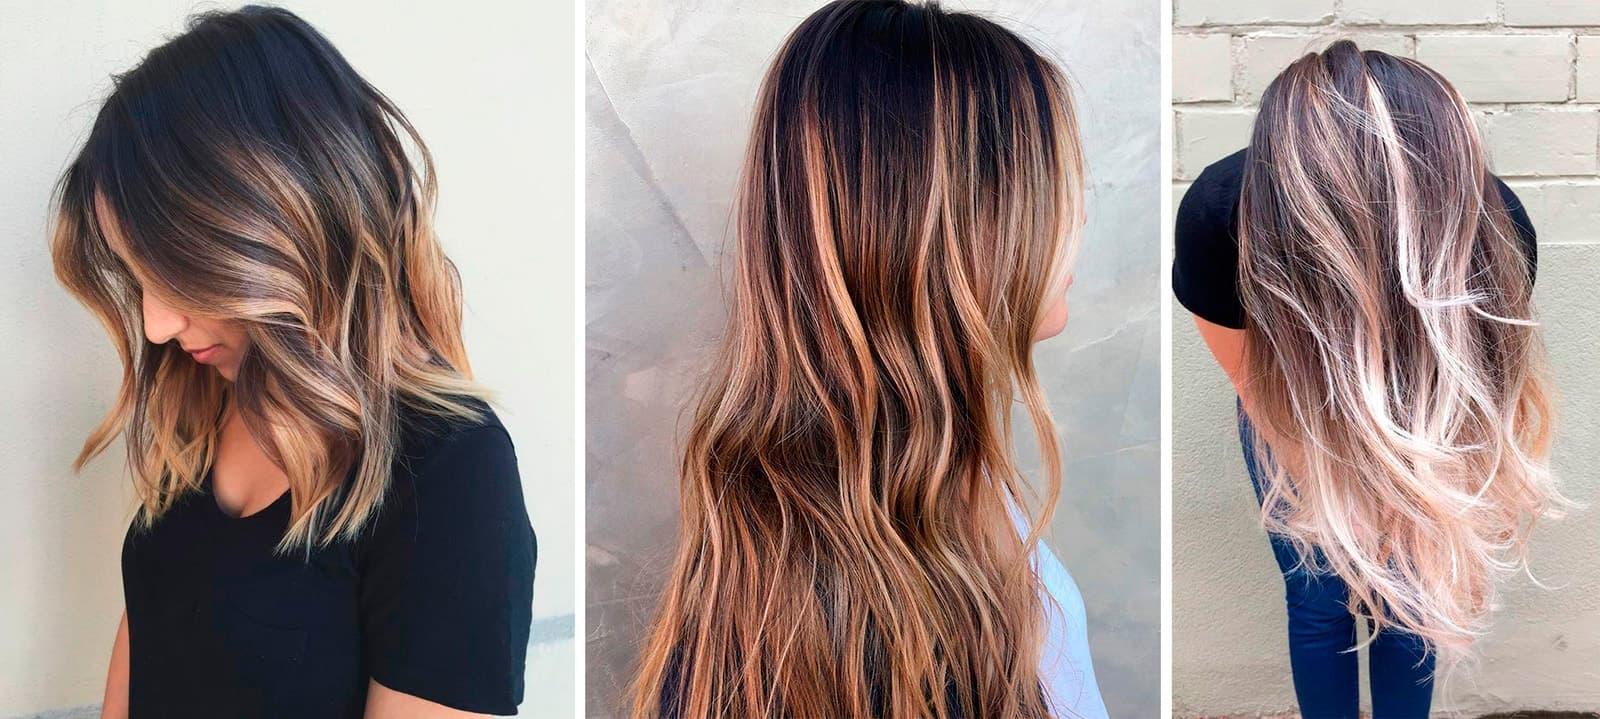 Мелирование, стрижка, покраска – все можно делать с волосами независимо от месячных